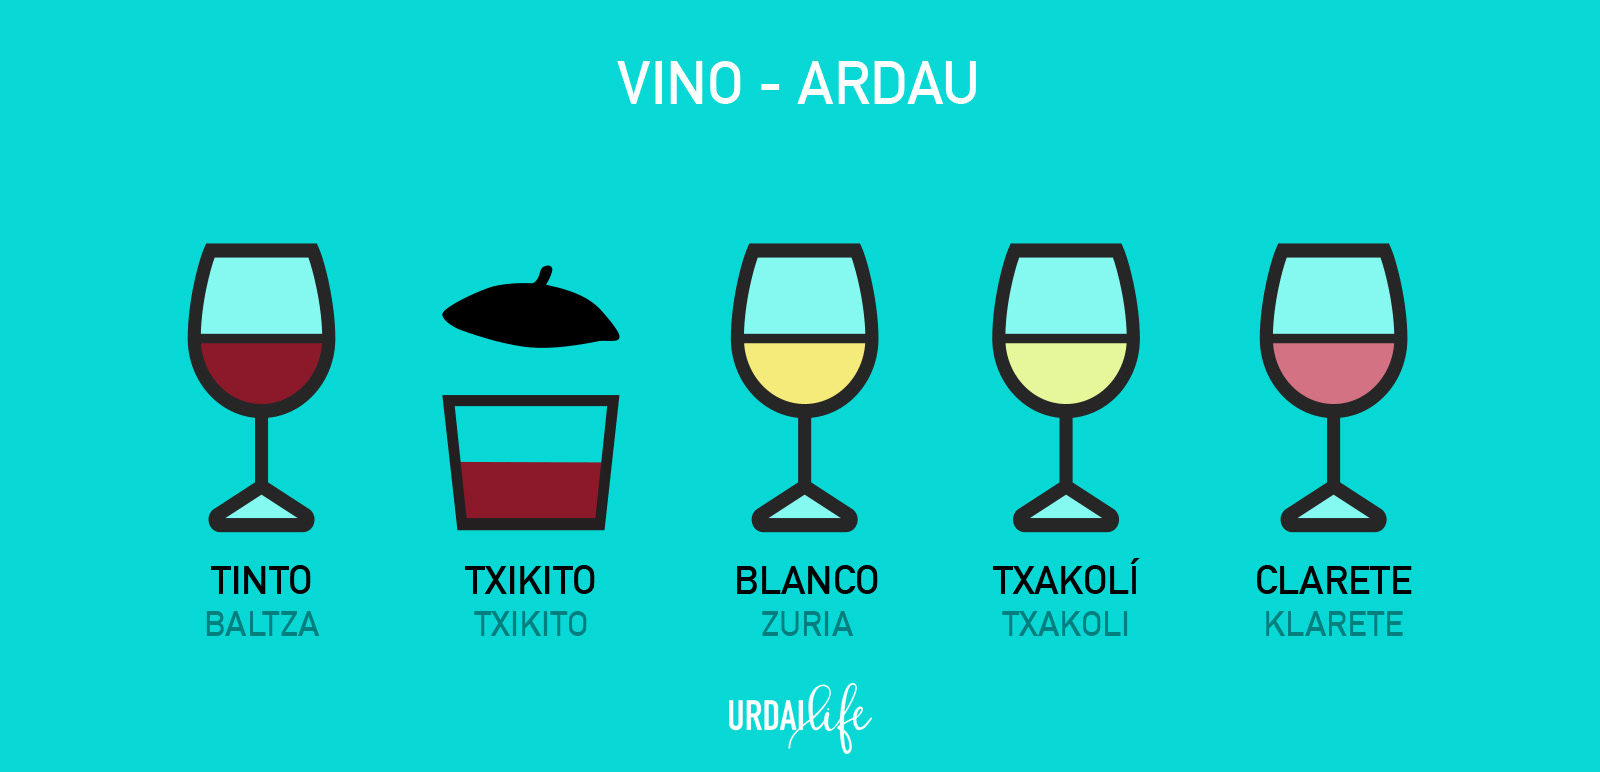 Ir de vinos en Euskadi: txikitos, txakoli, baltza, zuria (ardau)